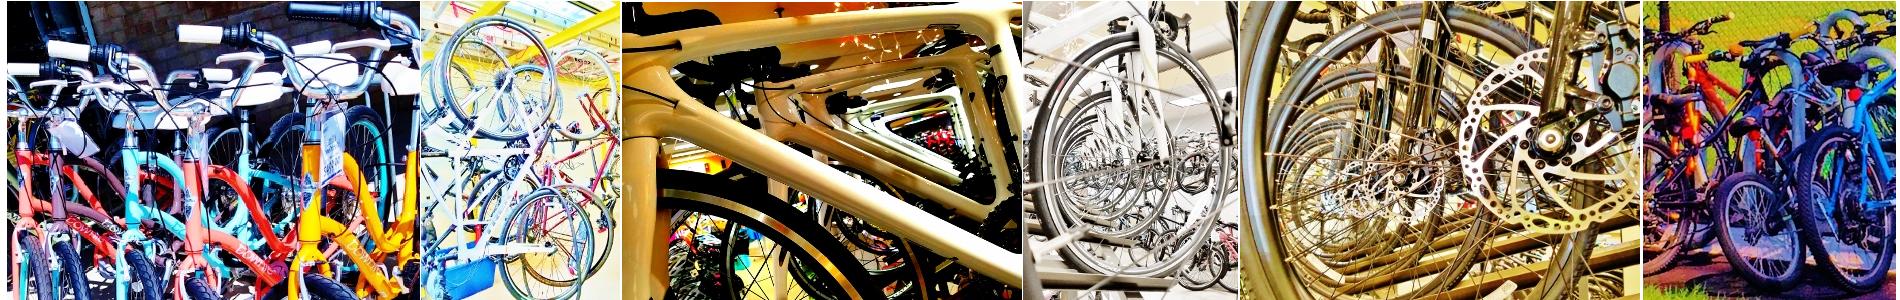 bike slider